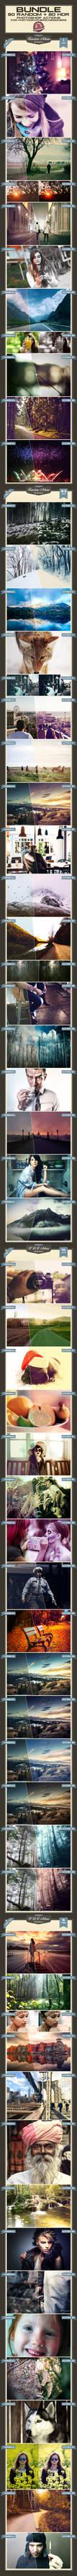 Random + HDR Photoshop Actions Bundle